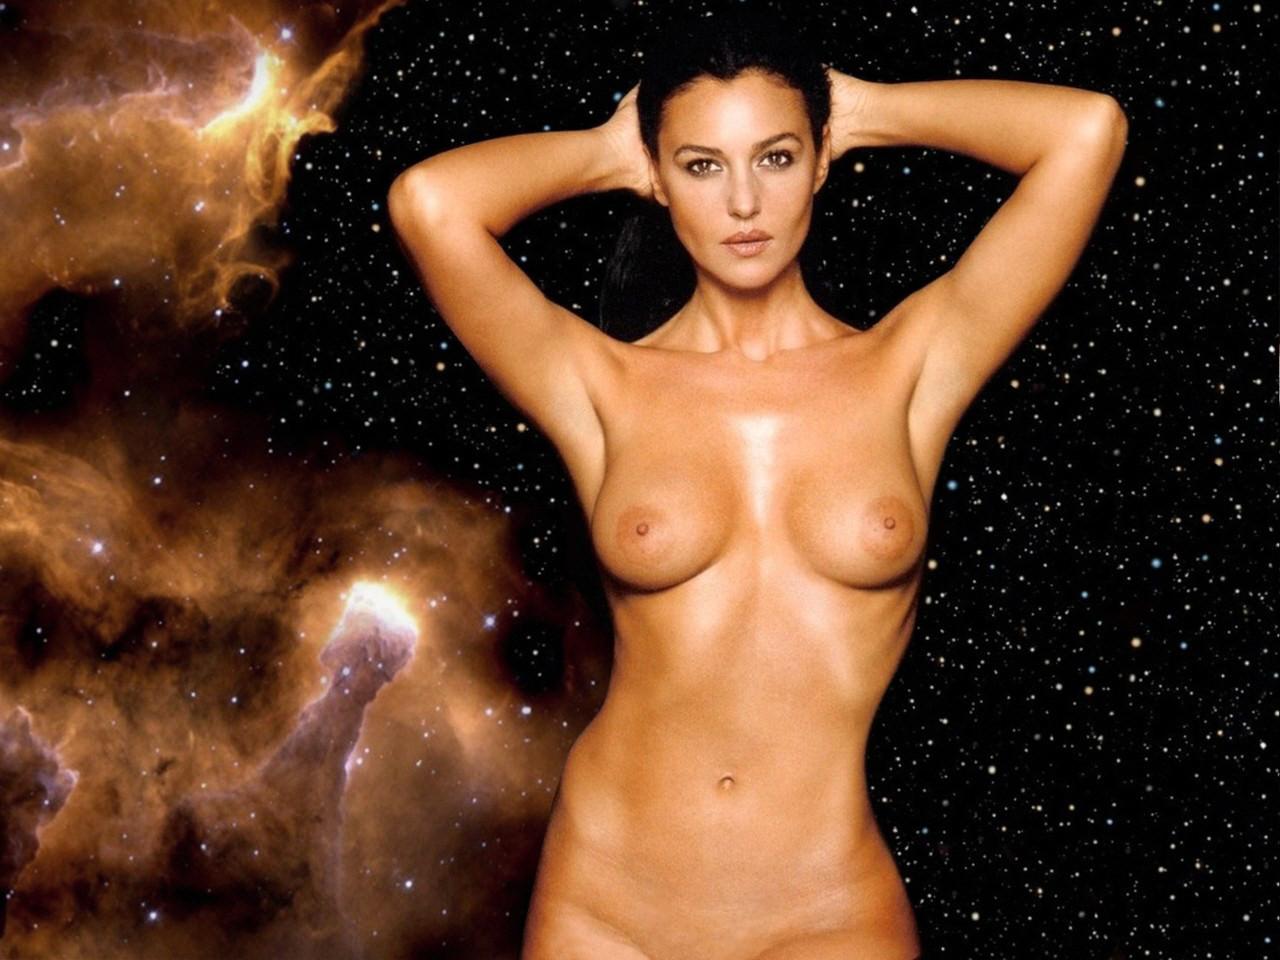 эротическое видео зарубежных актрис с фото